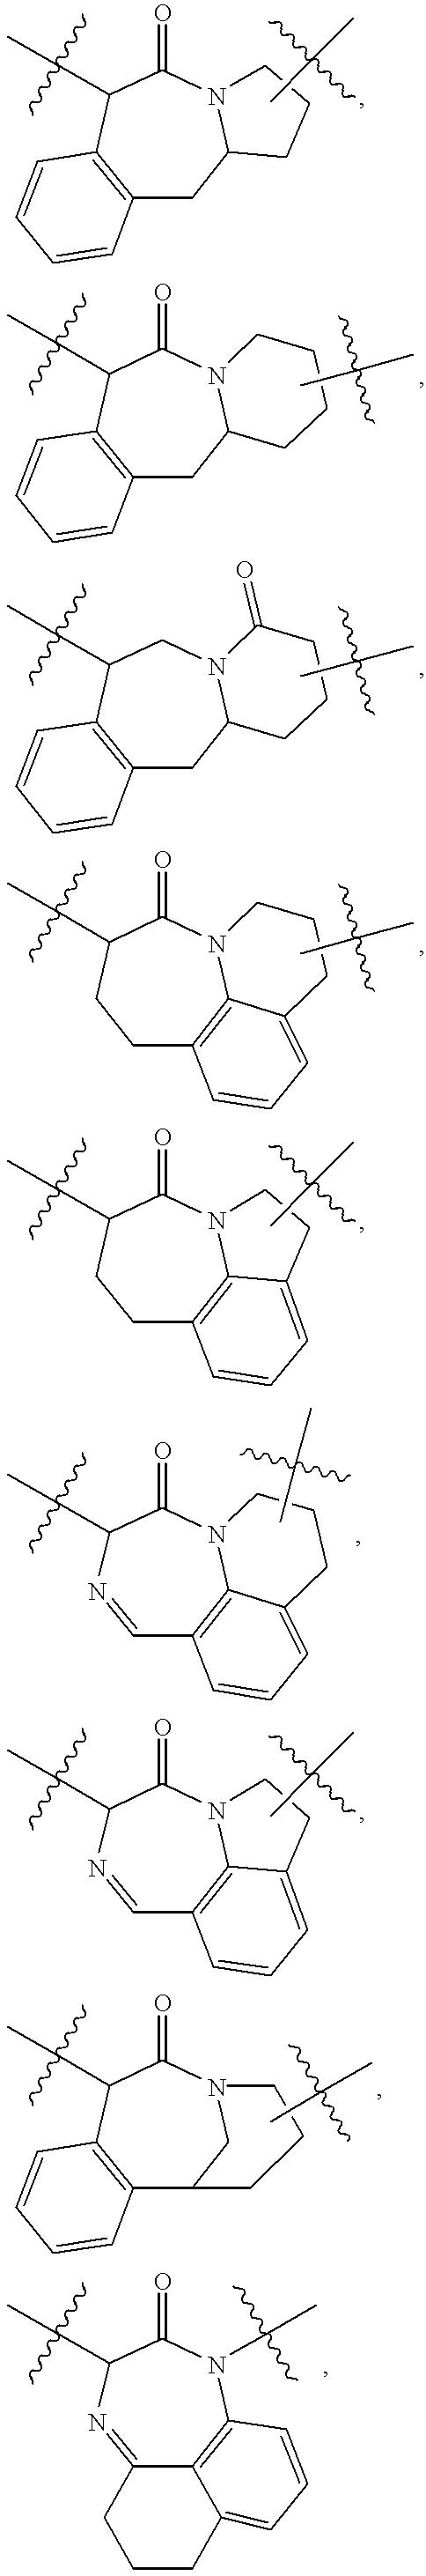 Figure US20020055501A1-20020509-C00021